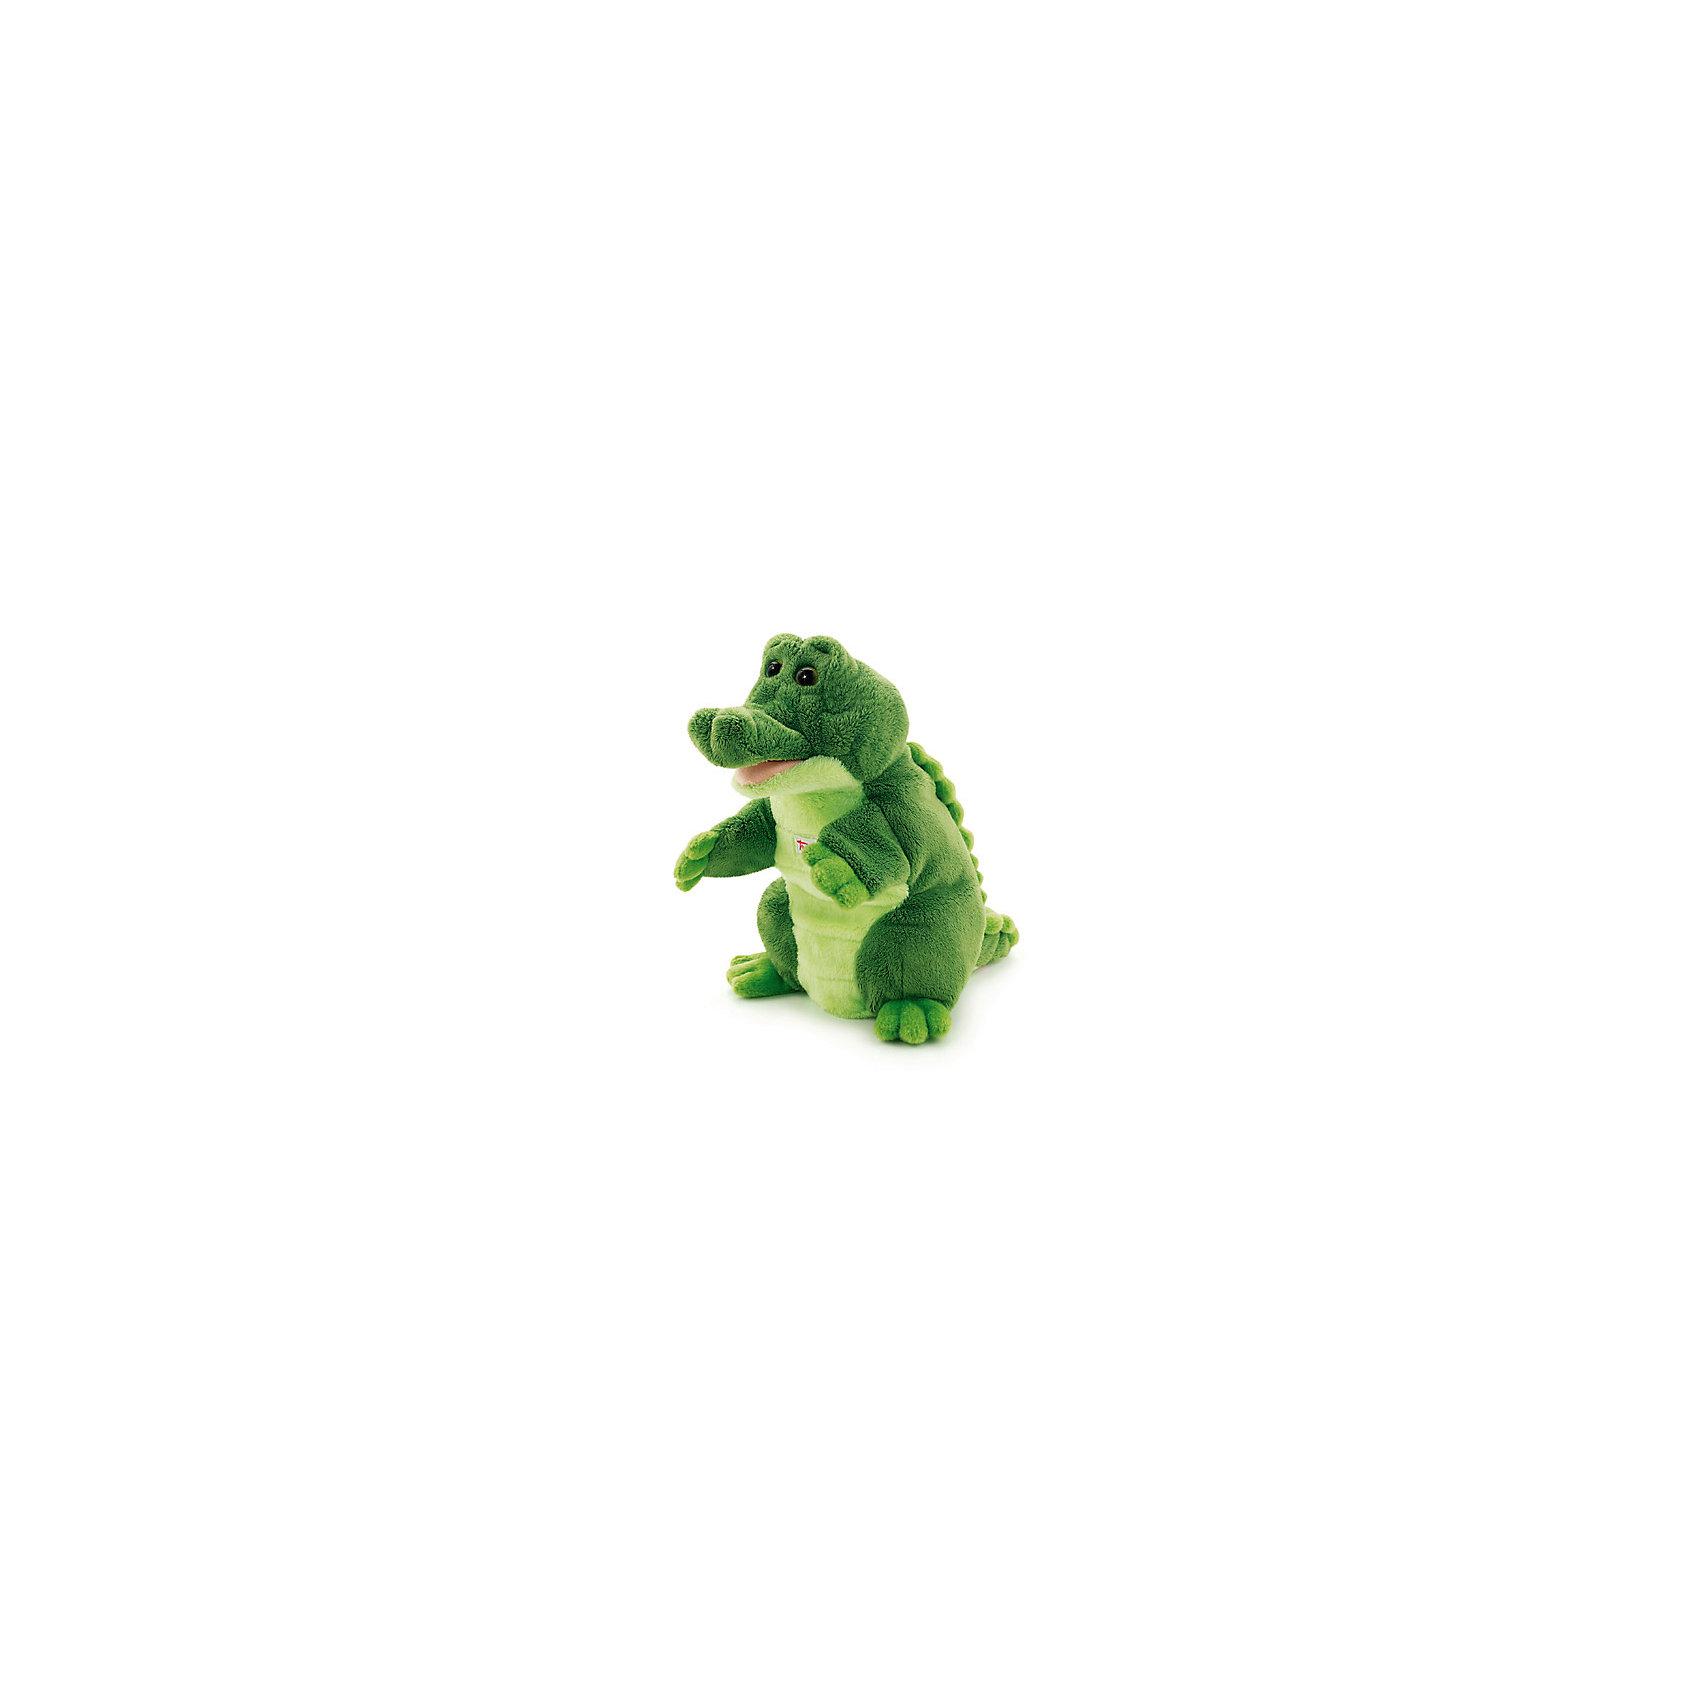 Мягкая игрушка на руку Крокодил, 25 см, TrudiМягкая игрушка на руку Крокодил, 25 см от популярного итальянского бренда Trudi (Труди) сделает ваш домашний кукольный театр еще более правдоподобным. Качественно выполненная игрушка в виде забавного крокодила поможет проиграть множество постановок и придумать много своих историй. Также ребенок может играть с крокодилом как с обычной мягкой игрушкой. Игрушка поможет развить воображение, навыки общения, моторику рук.  <br>Дополнительная информация:<br><br>- Состав: текстиль<br>- Размер: 25 см. <br>- Вес: 150 гр.<br><br>Мягкую игрушку на руку Крокодил, 25 см, Trudi (Труди) можно купить в нашем интернет-магазине.<br>Подробнее:<br>• Для детей в возрасте: от 12 месяцев до 8 лет.<br>• Номер товара: 5055271<br>Страна производитель: Китай<br><br>Ширина мм: 130<br>Глубина мм: 190<br>Высота мм: 250<br>Вес г: 110<br>Возраст от месяцев: 12<br>Возраст до месяцев: 2147483647<br>Пол: Унисекс<br>Возраст: Детский<br>SKU: 5055271